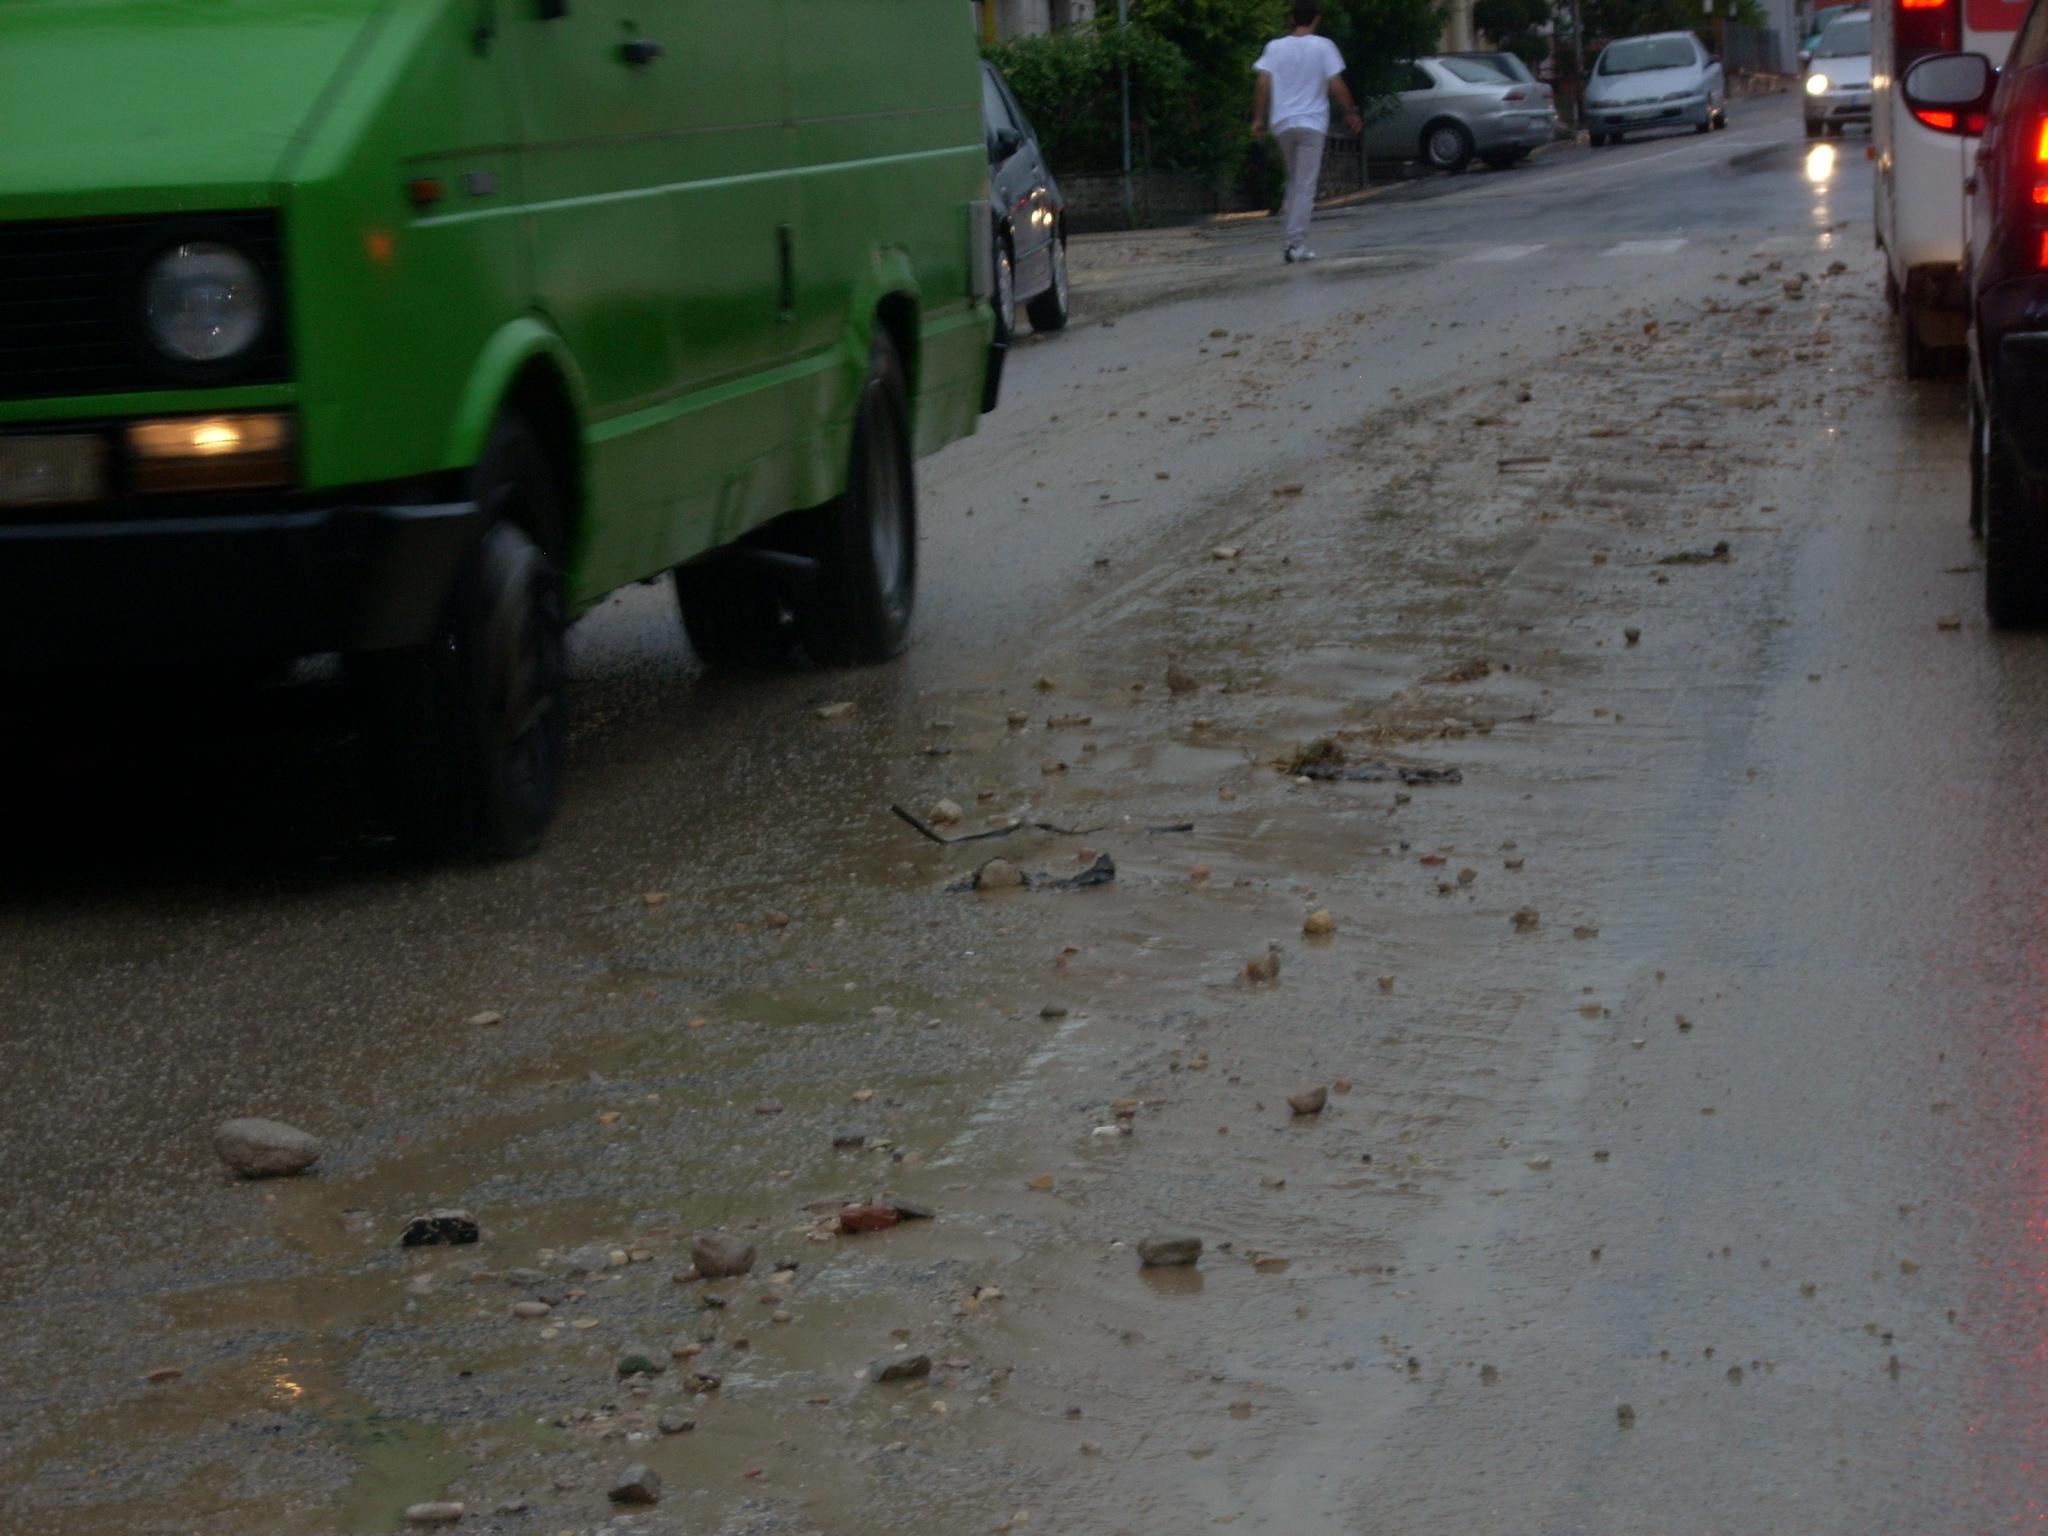 Le conseguenze della pioggia